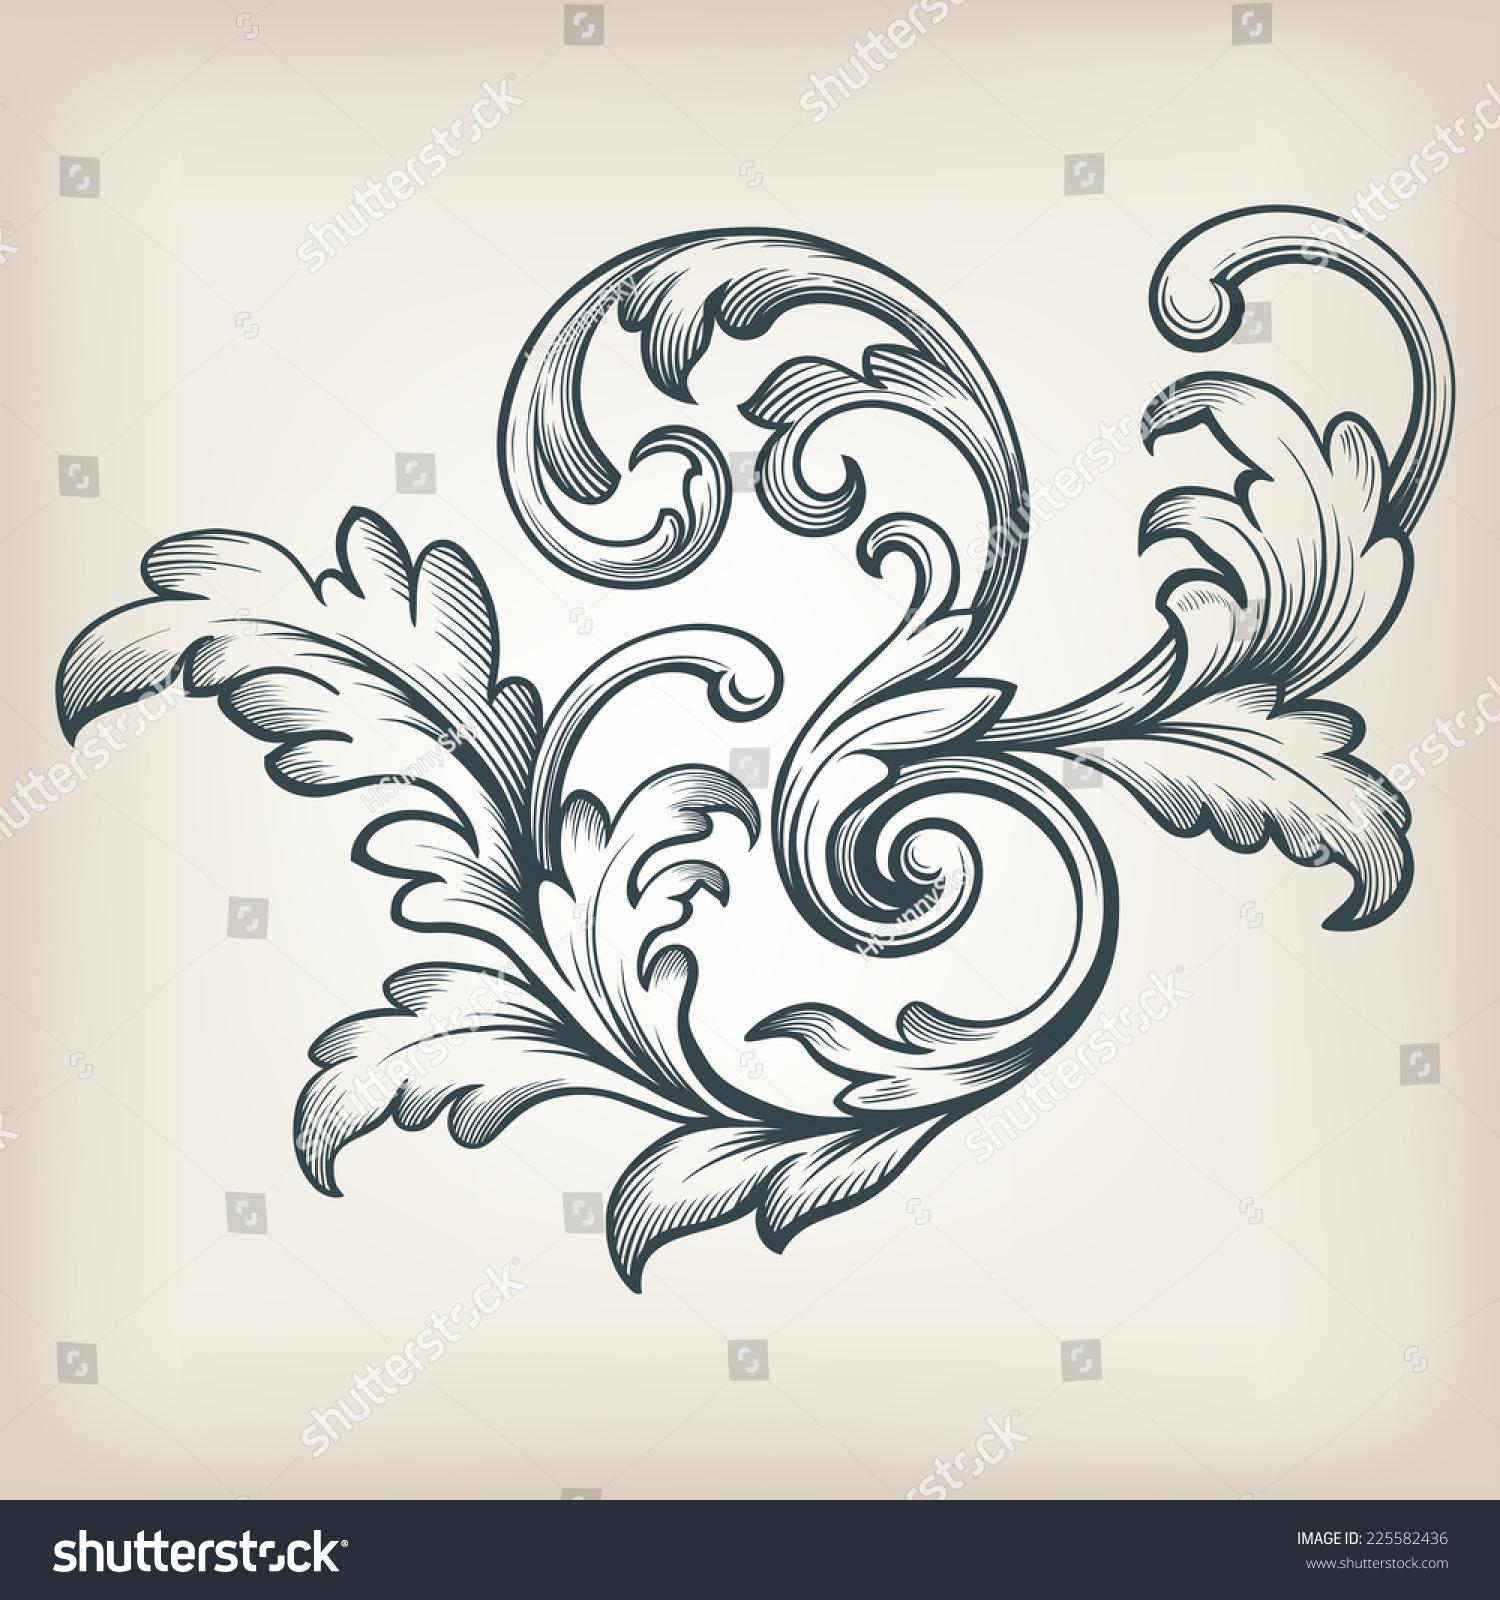 rococo motif vintage floral - photo #41